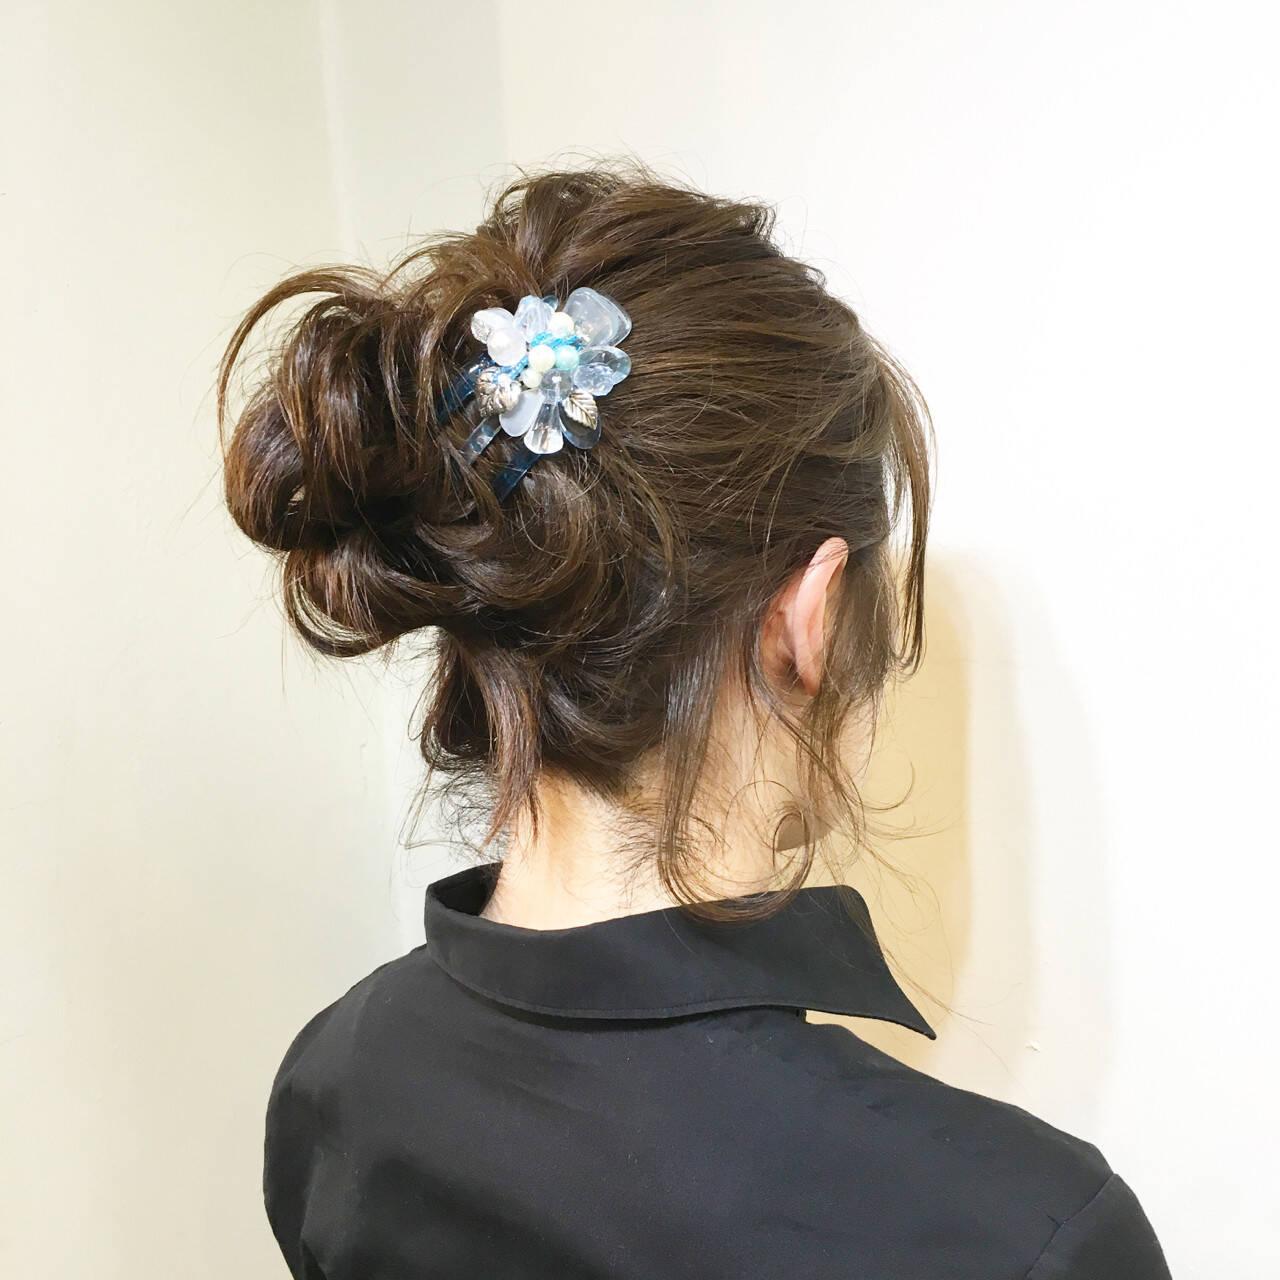 ミディアム お団子 ハーフアップ 大人かわいいヘアスタイルや髪型の写真・画像